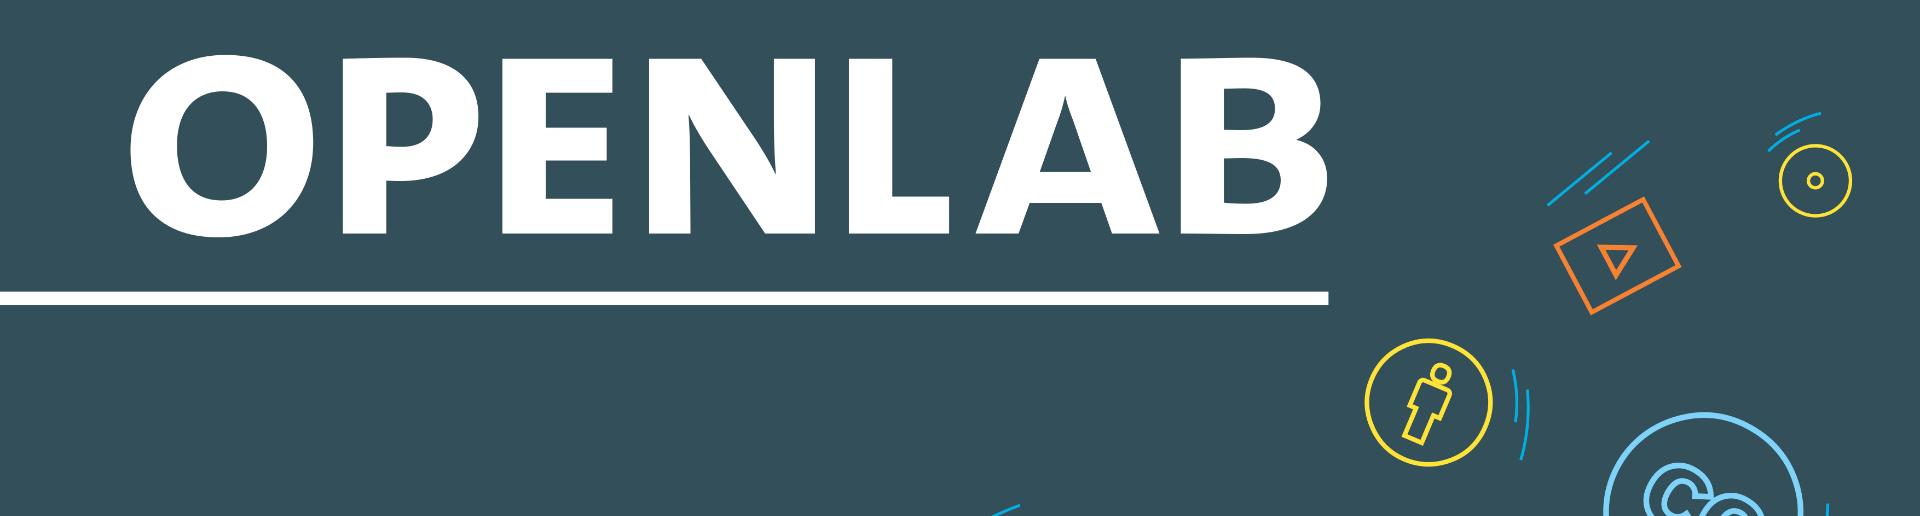 Banner mit dem Schriftzug OpenLab – keine weiteren Informationen enthalten.